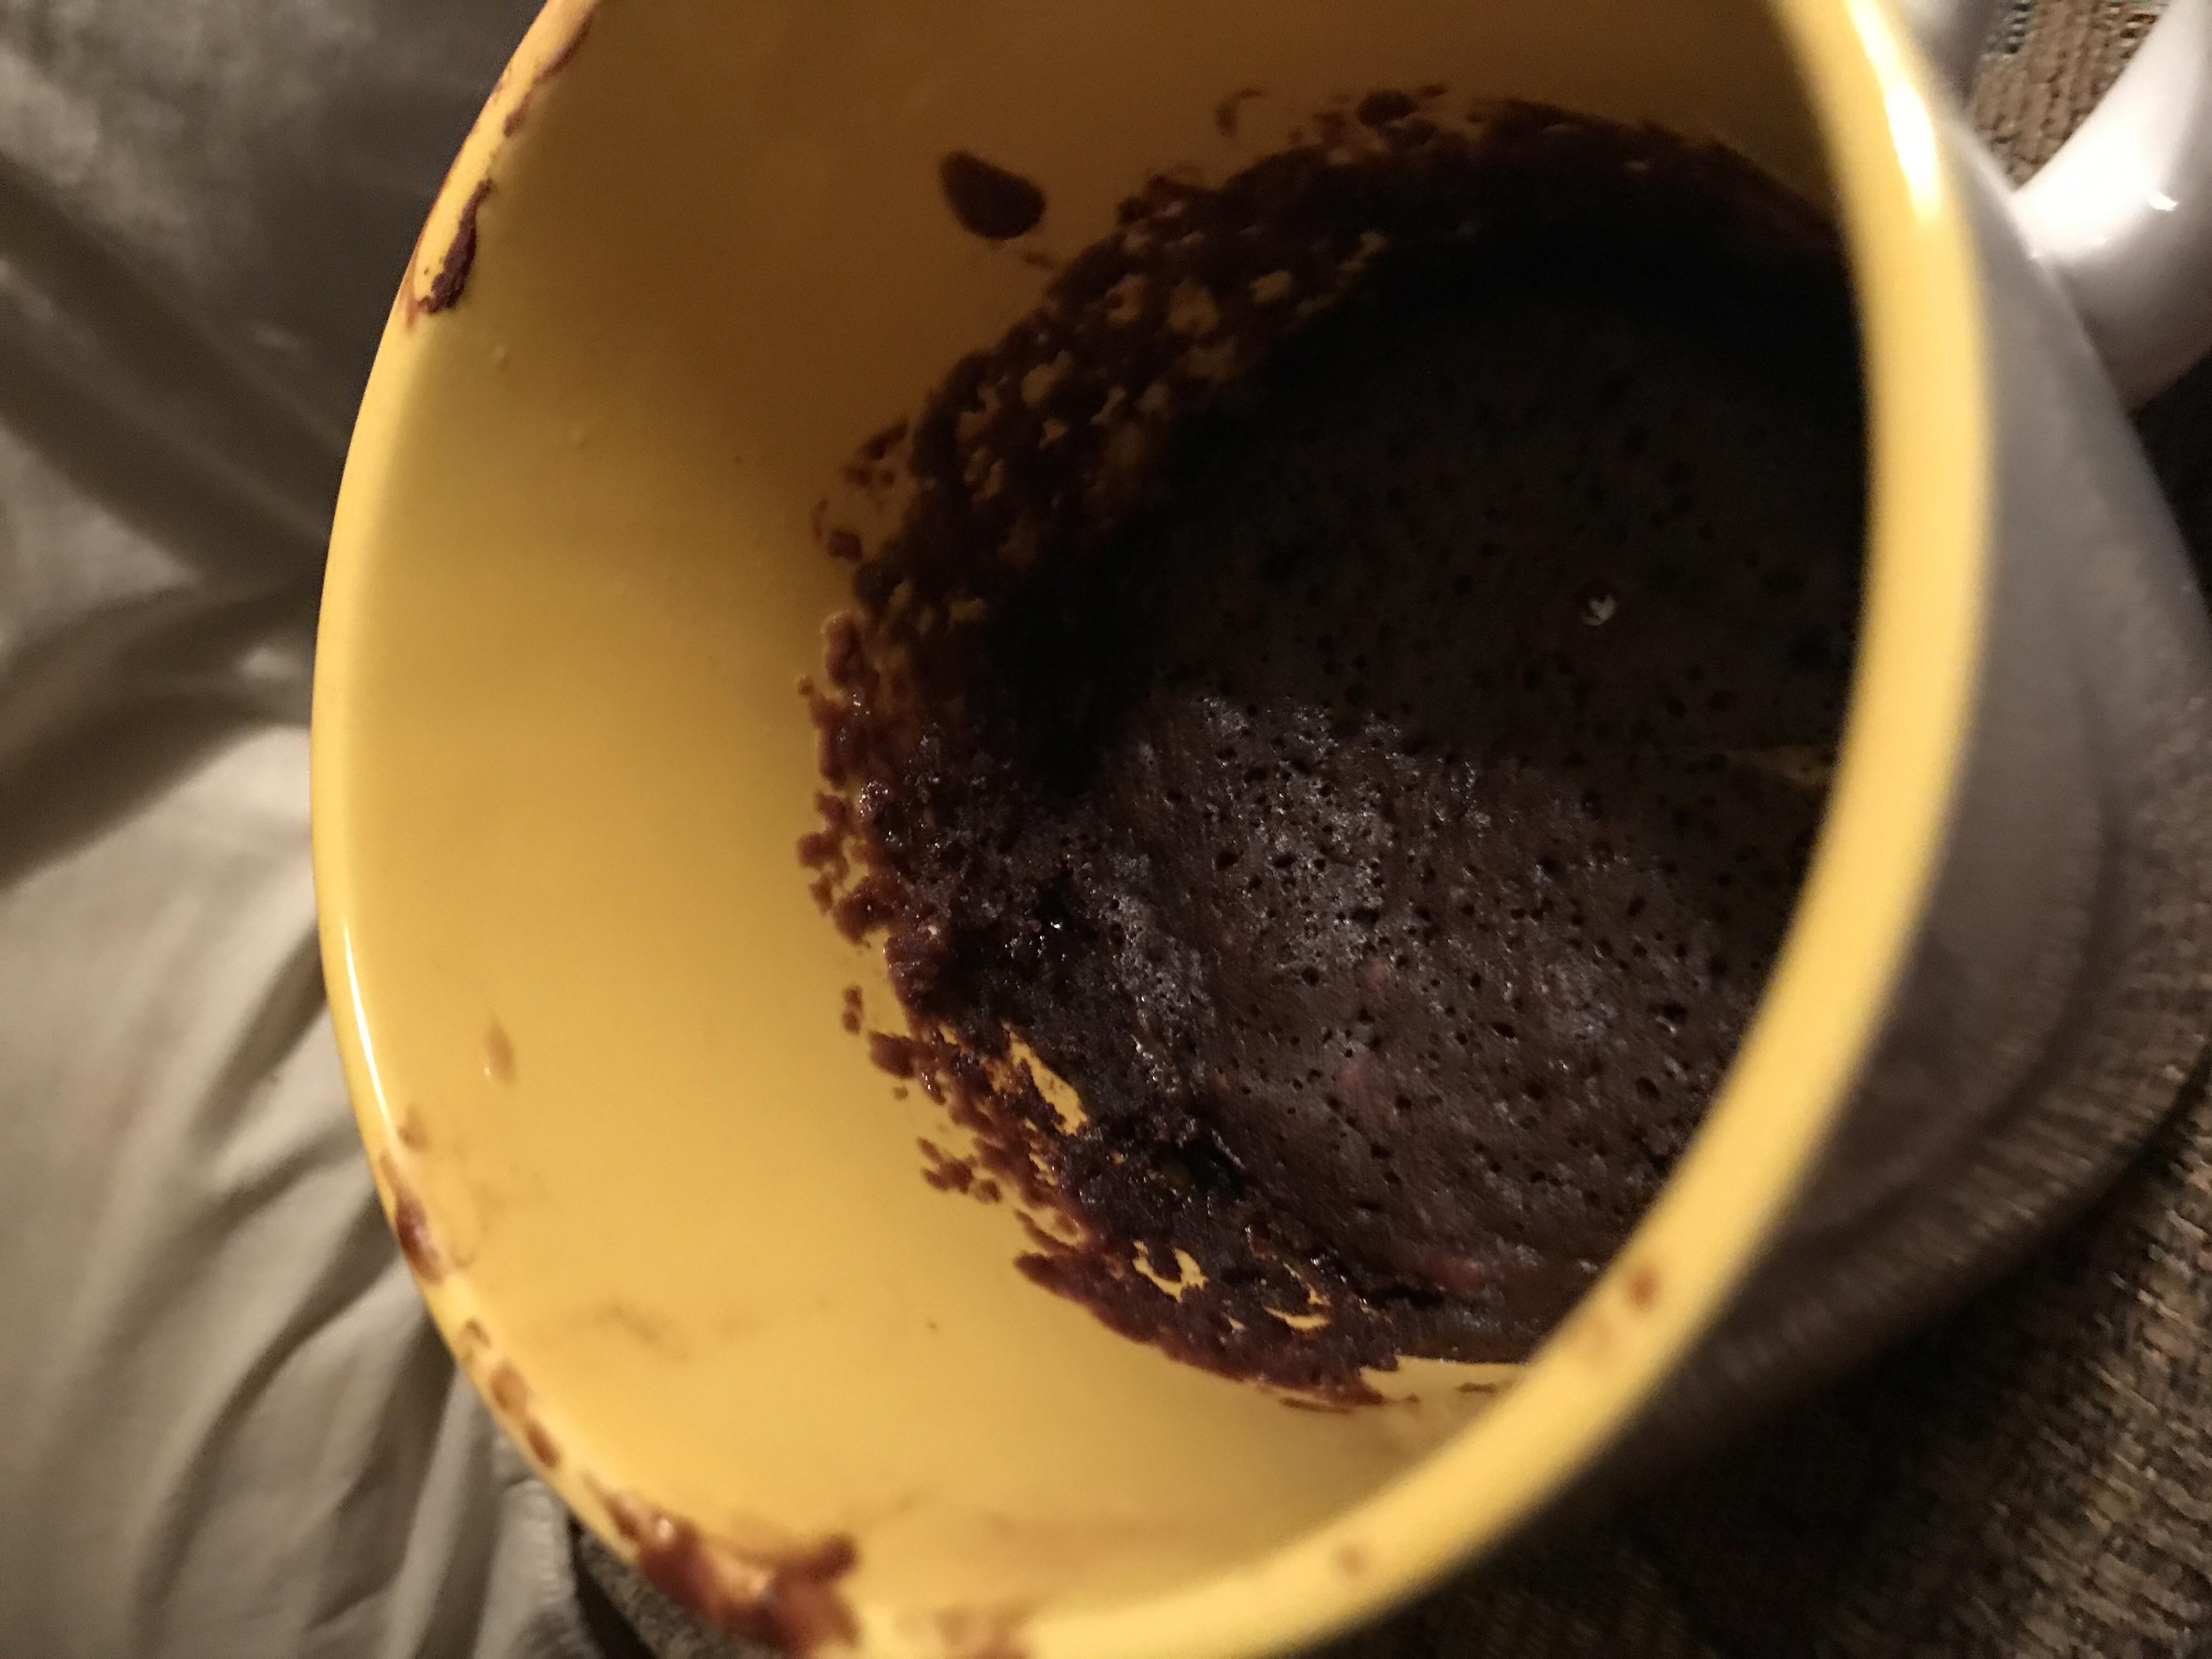 Microwave Chocolate Mug Cake Lilly007